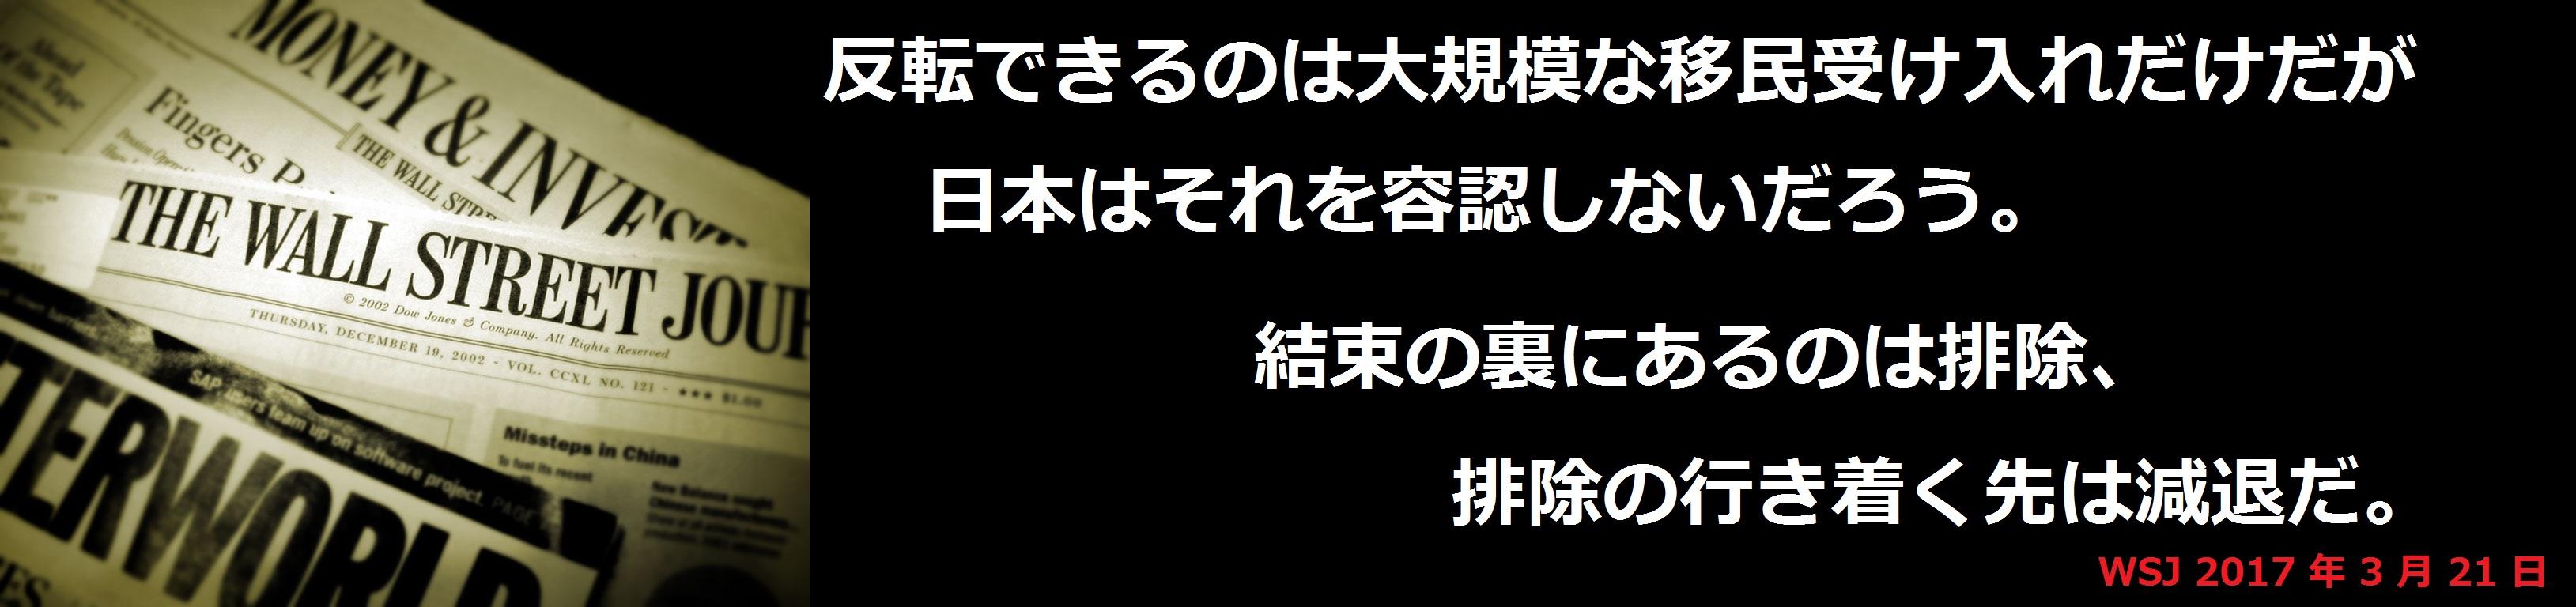 f:id:JAPbuster:20170411165245j:plain